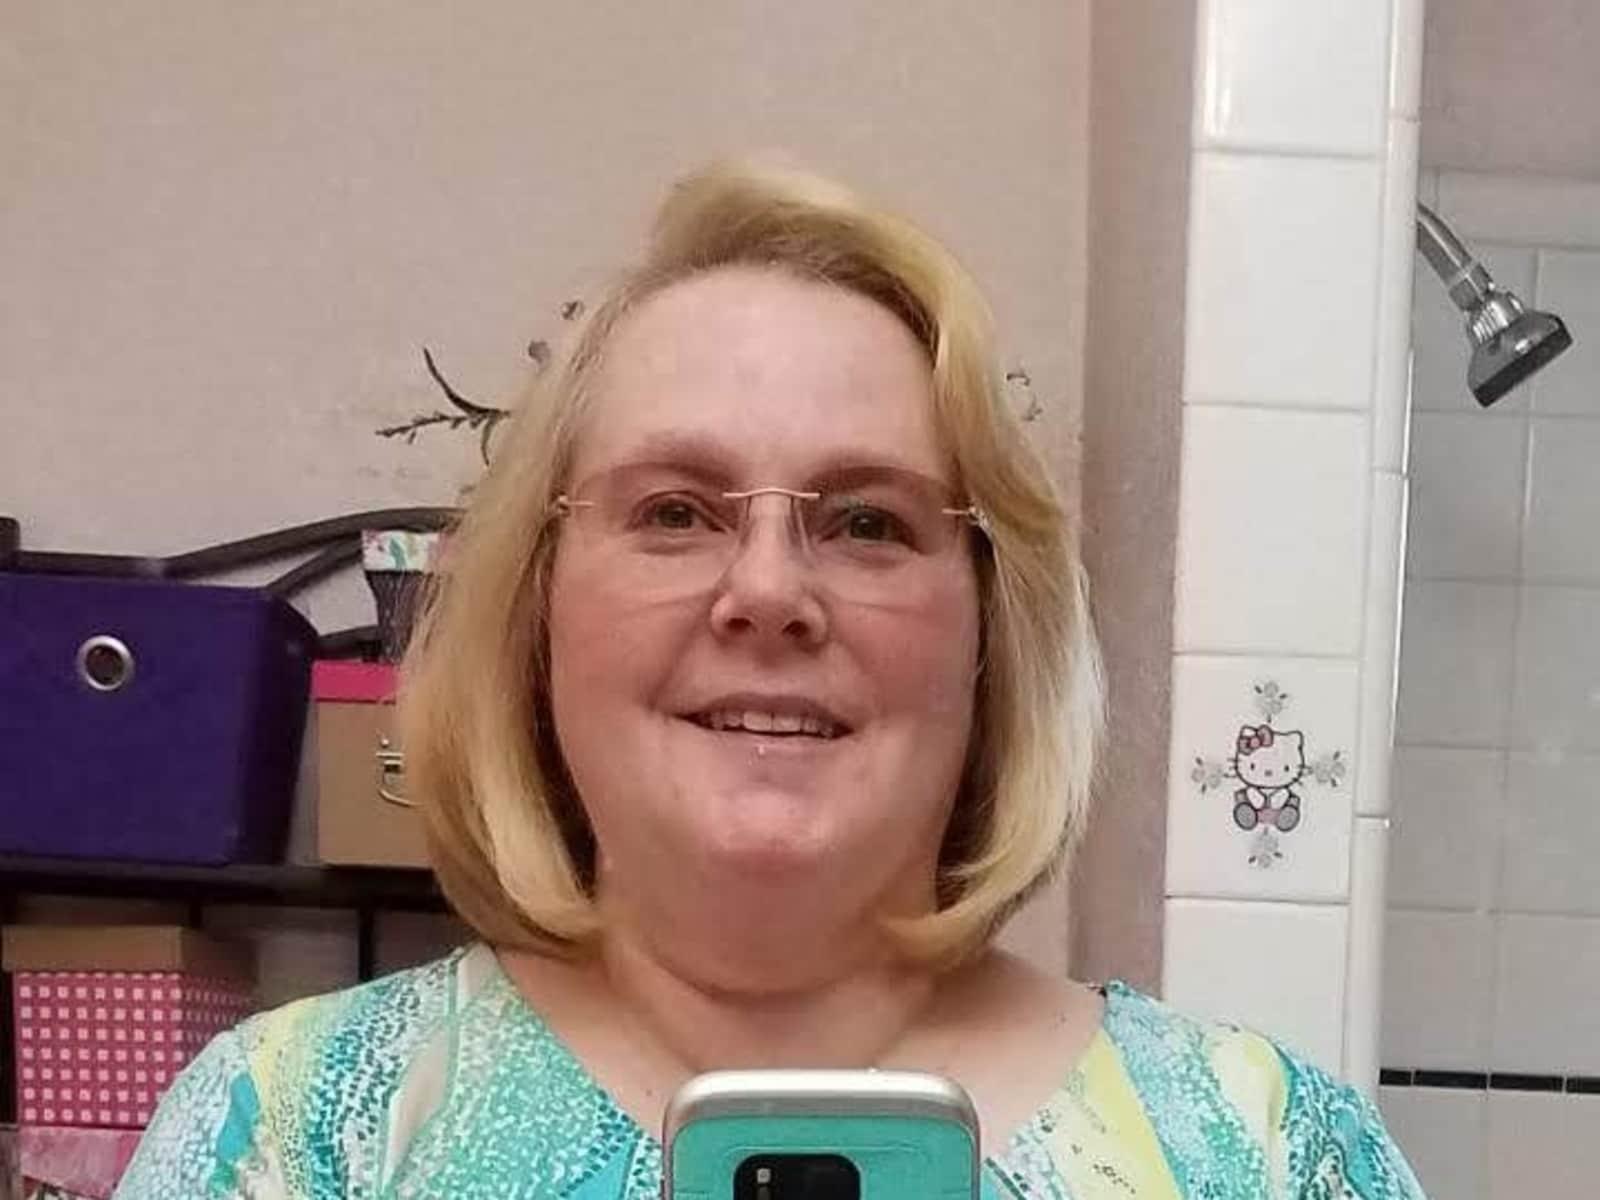 Katherine from Saint George, Utah, United States